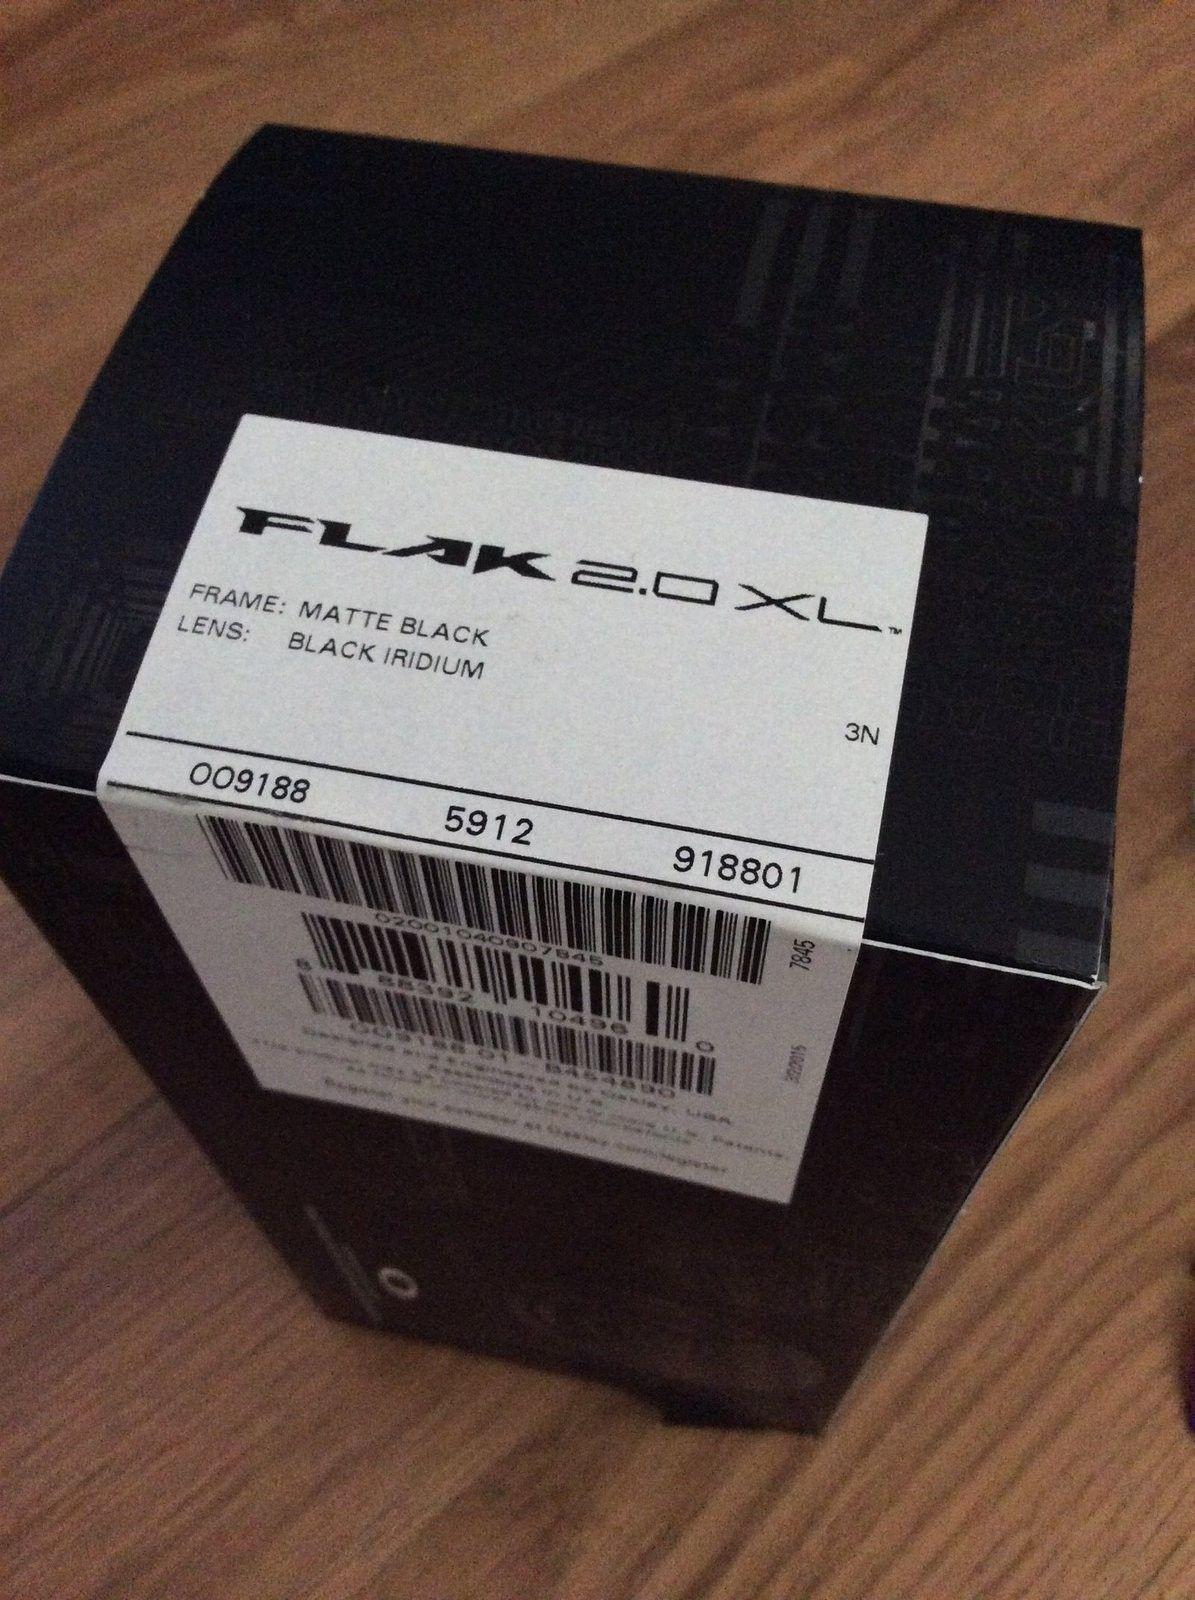 BNIB Flak 2.0XL $100 shipped - image.jpg